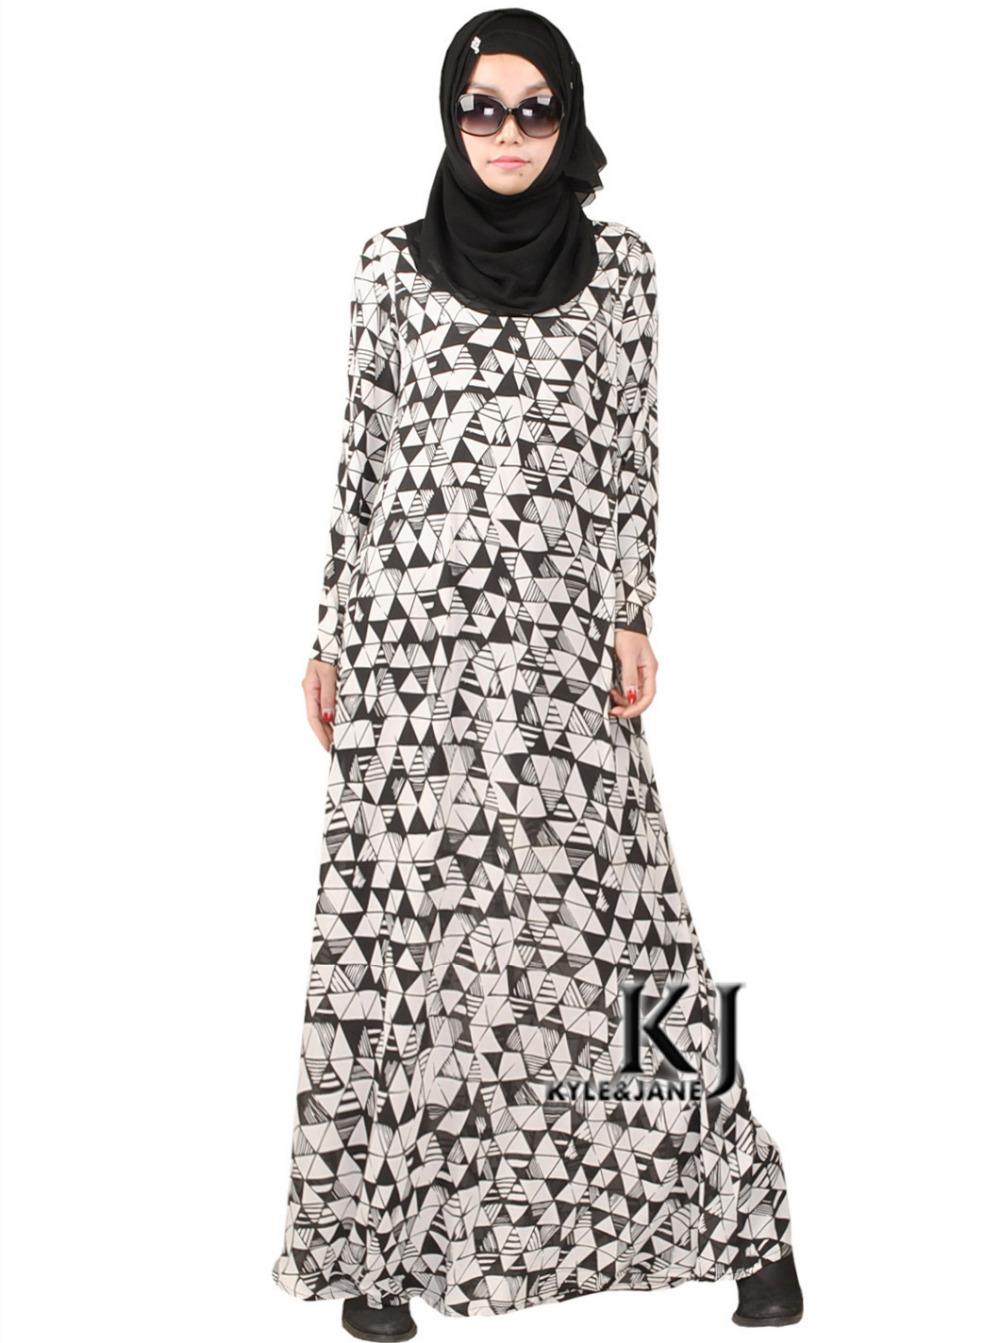 بالصور فساتين روعه , تصميمات فخمة لفستان خروج رائع 1216 2